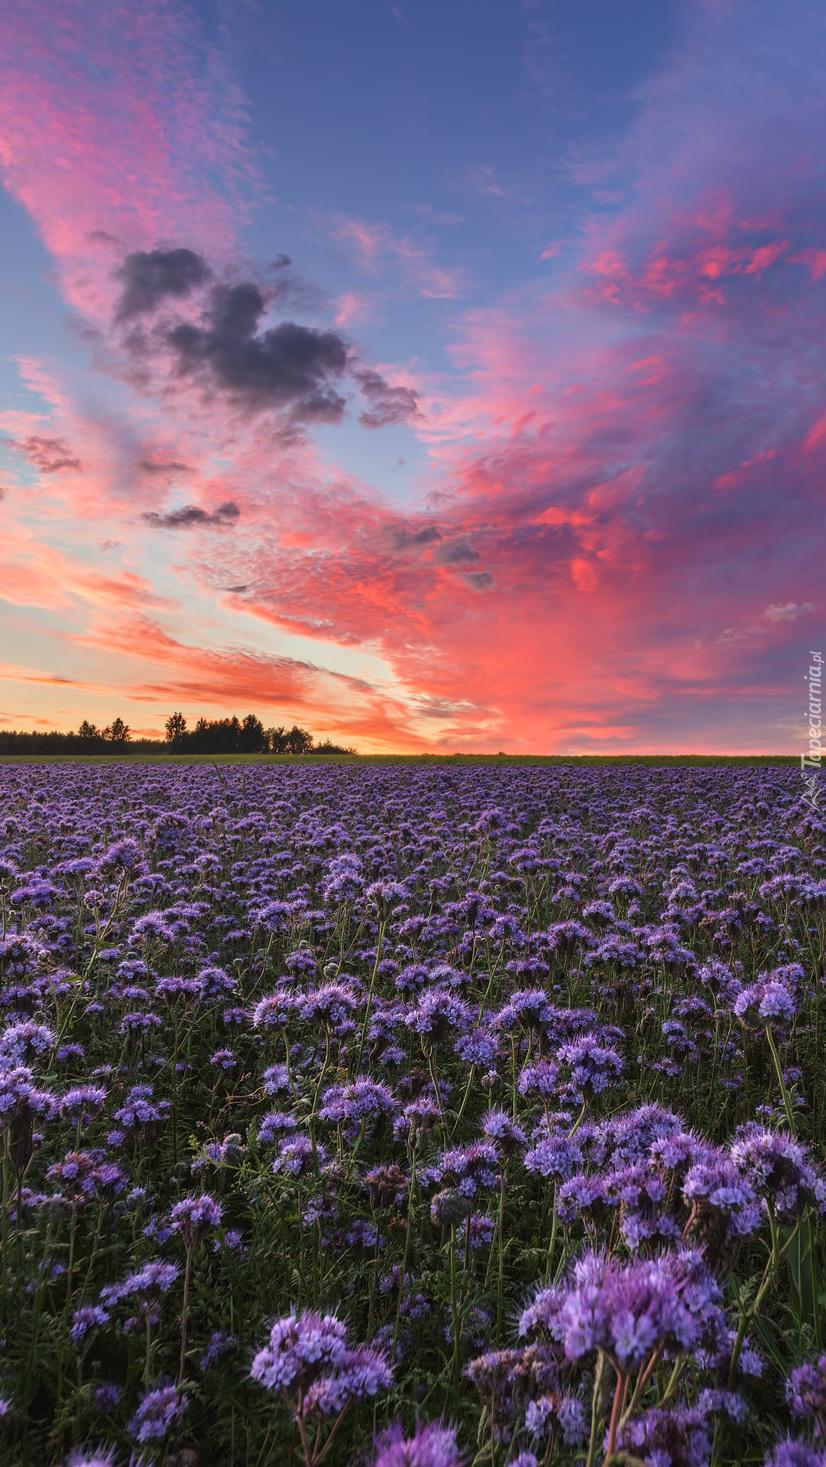 Fioletowe kwiaty na łące